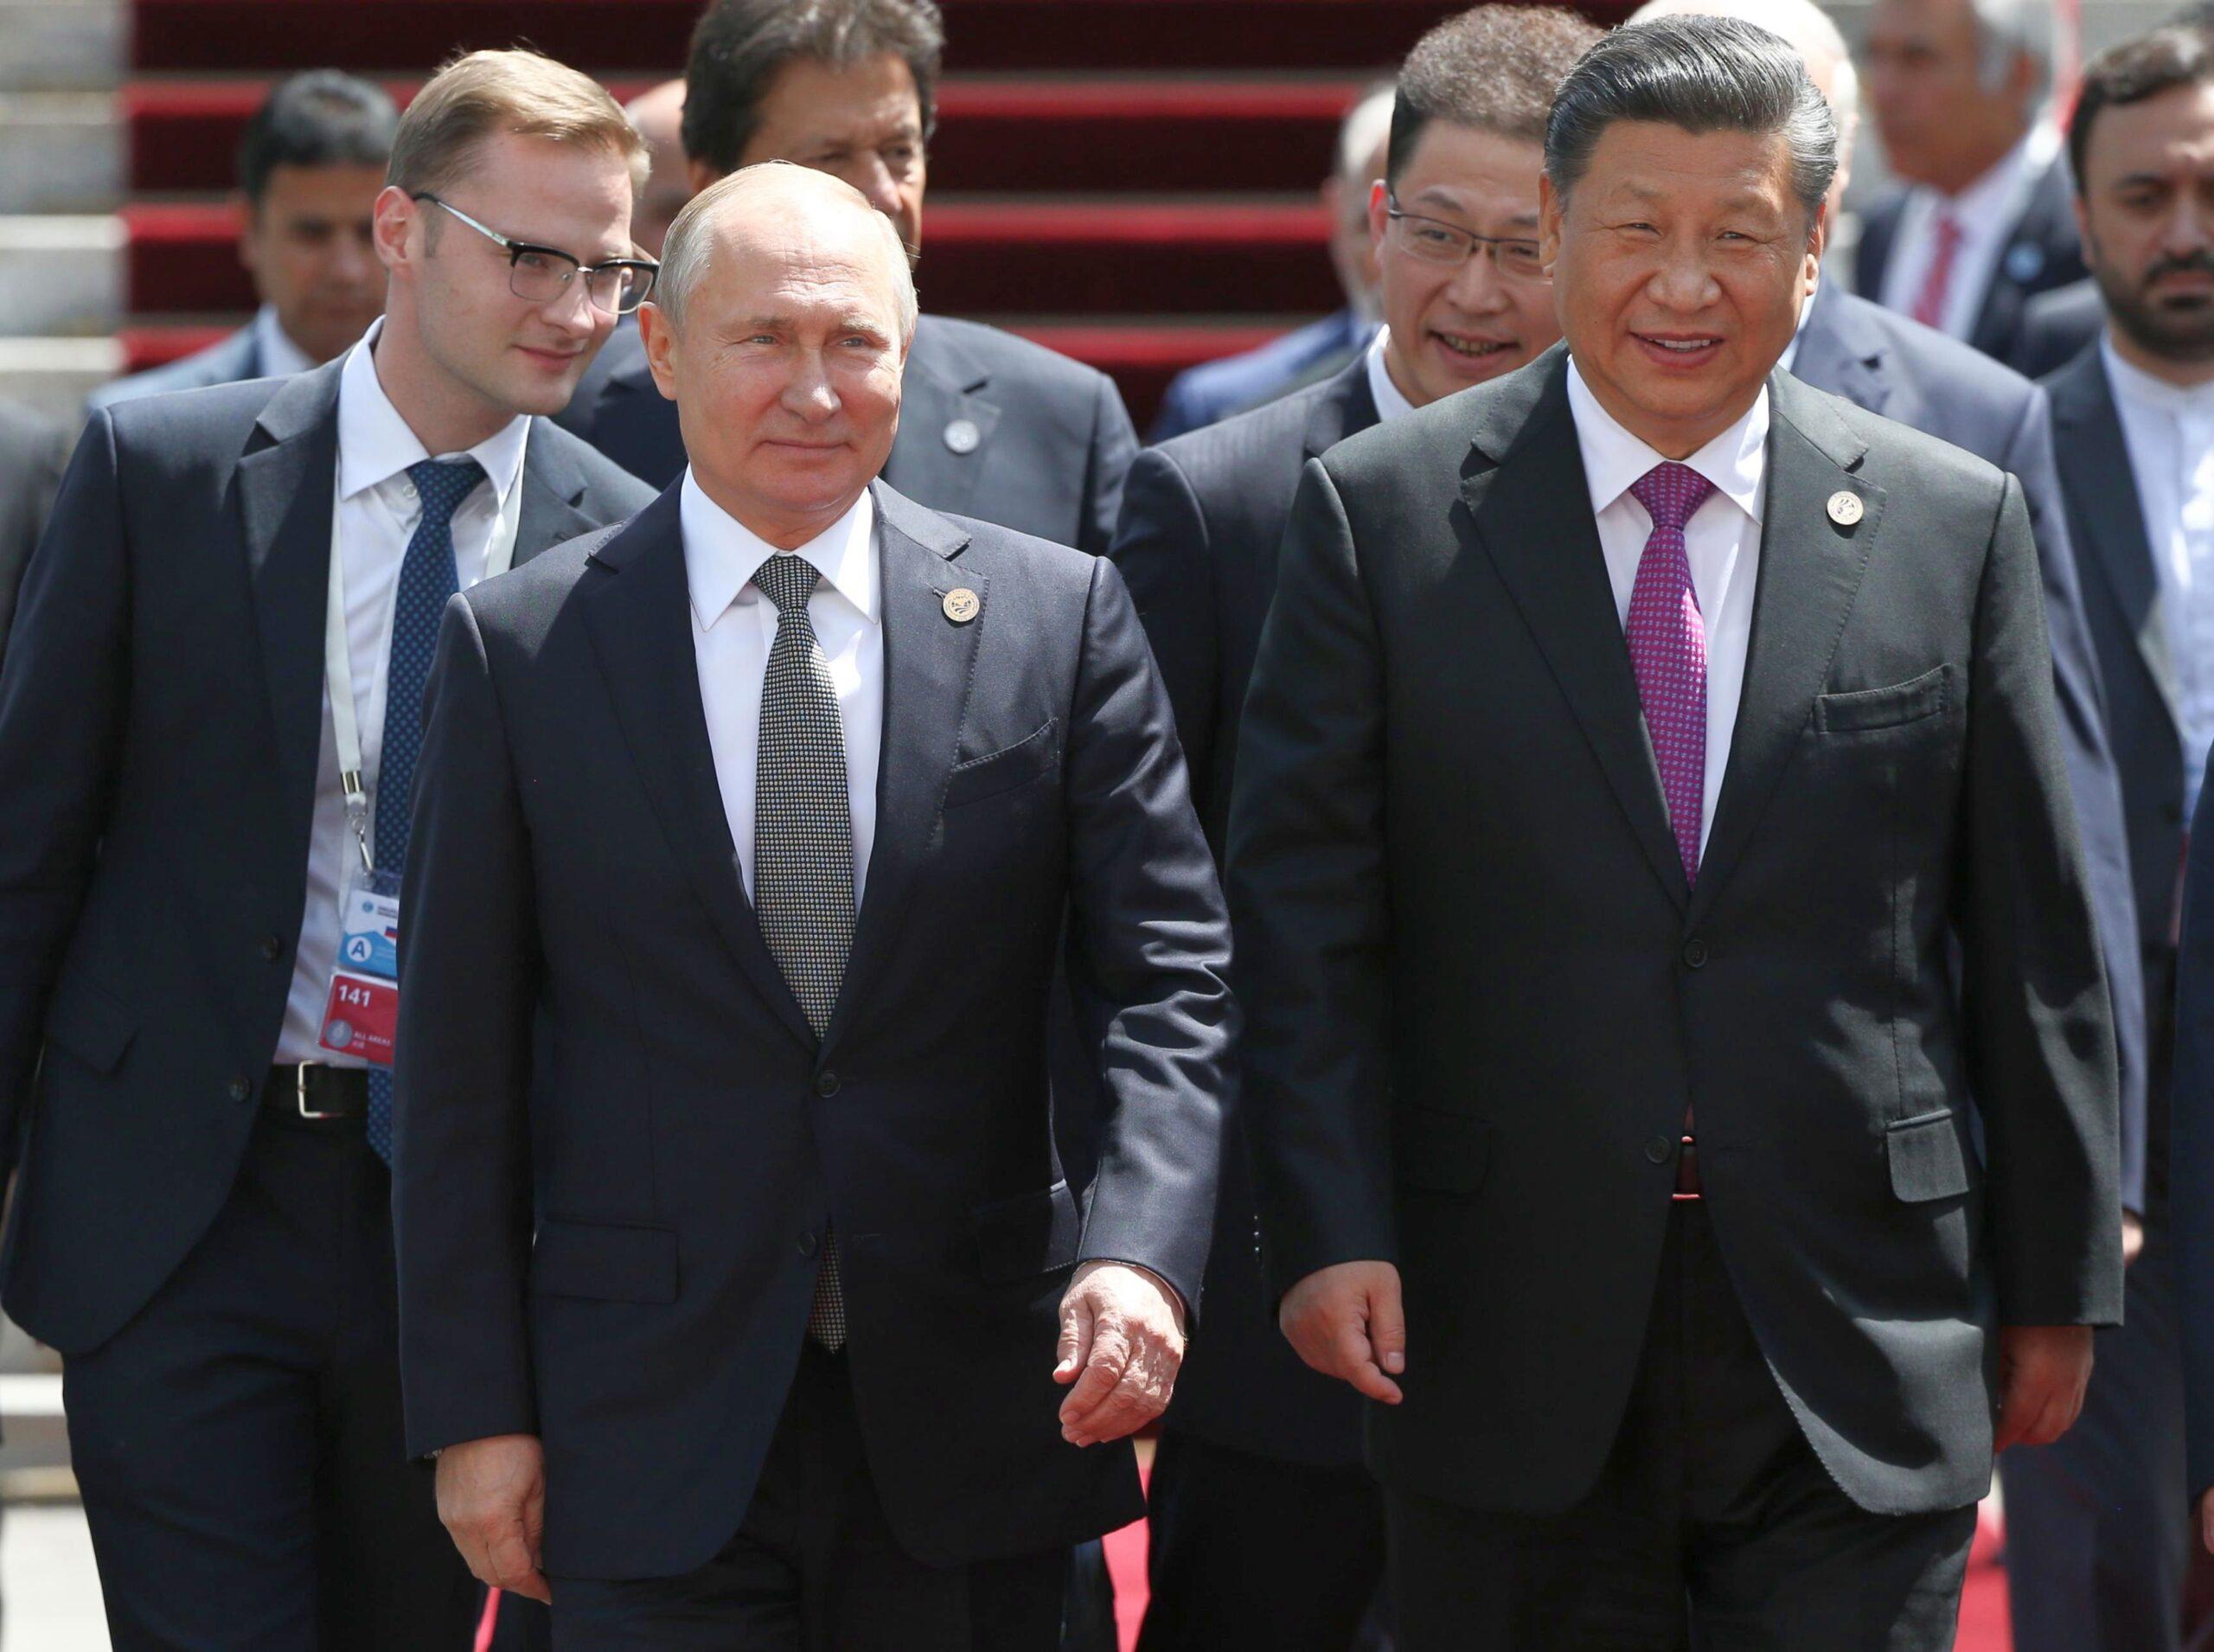 Raport UE: Presa rusă şi chineză încearcă sistematic să răspândească neîncredere în vaccinurile occidentale pentru Covid-19 1